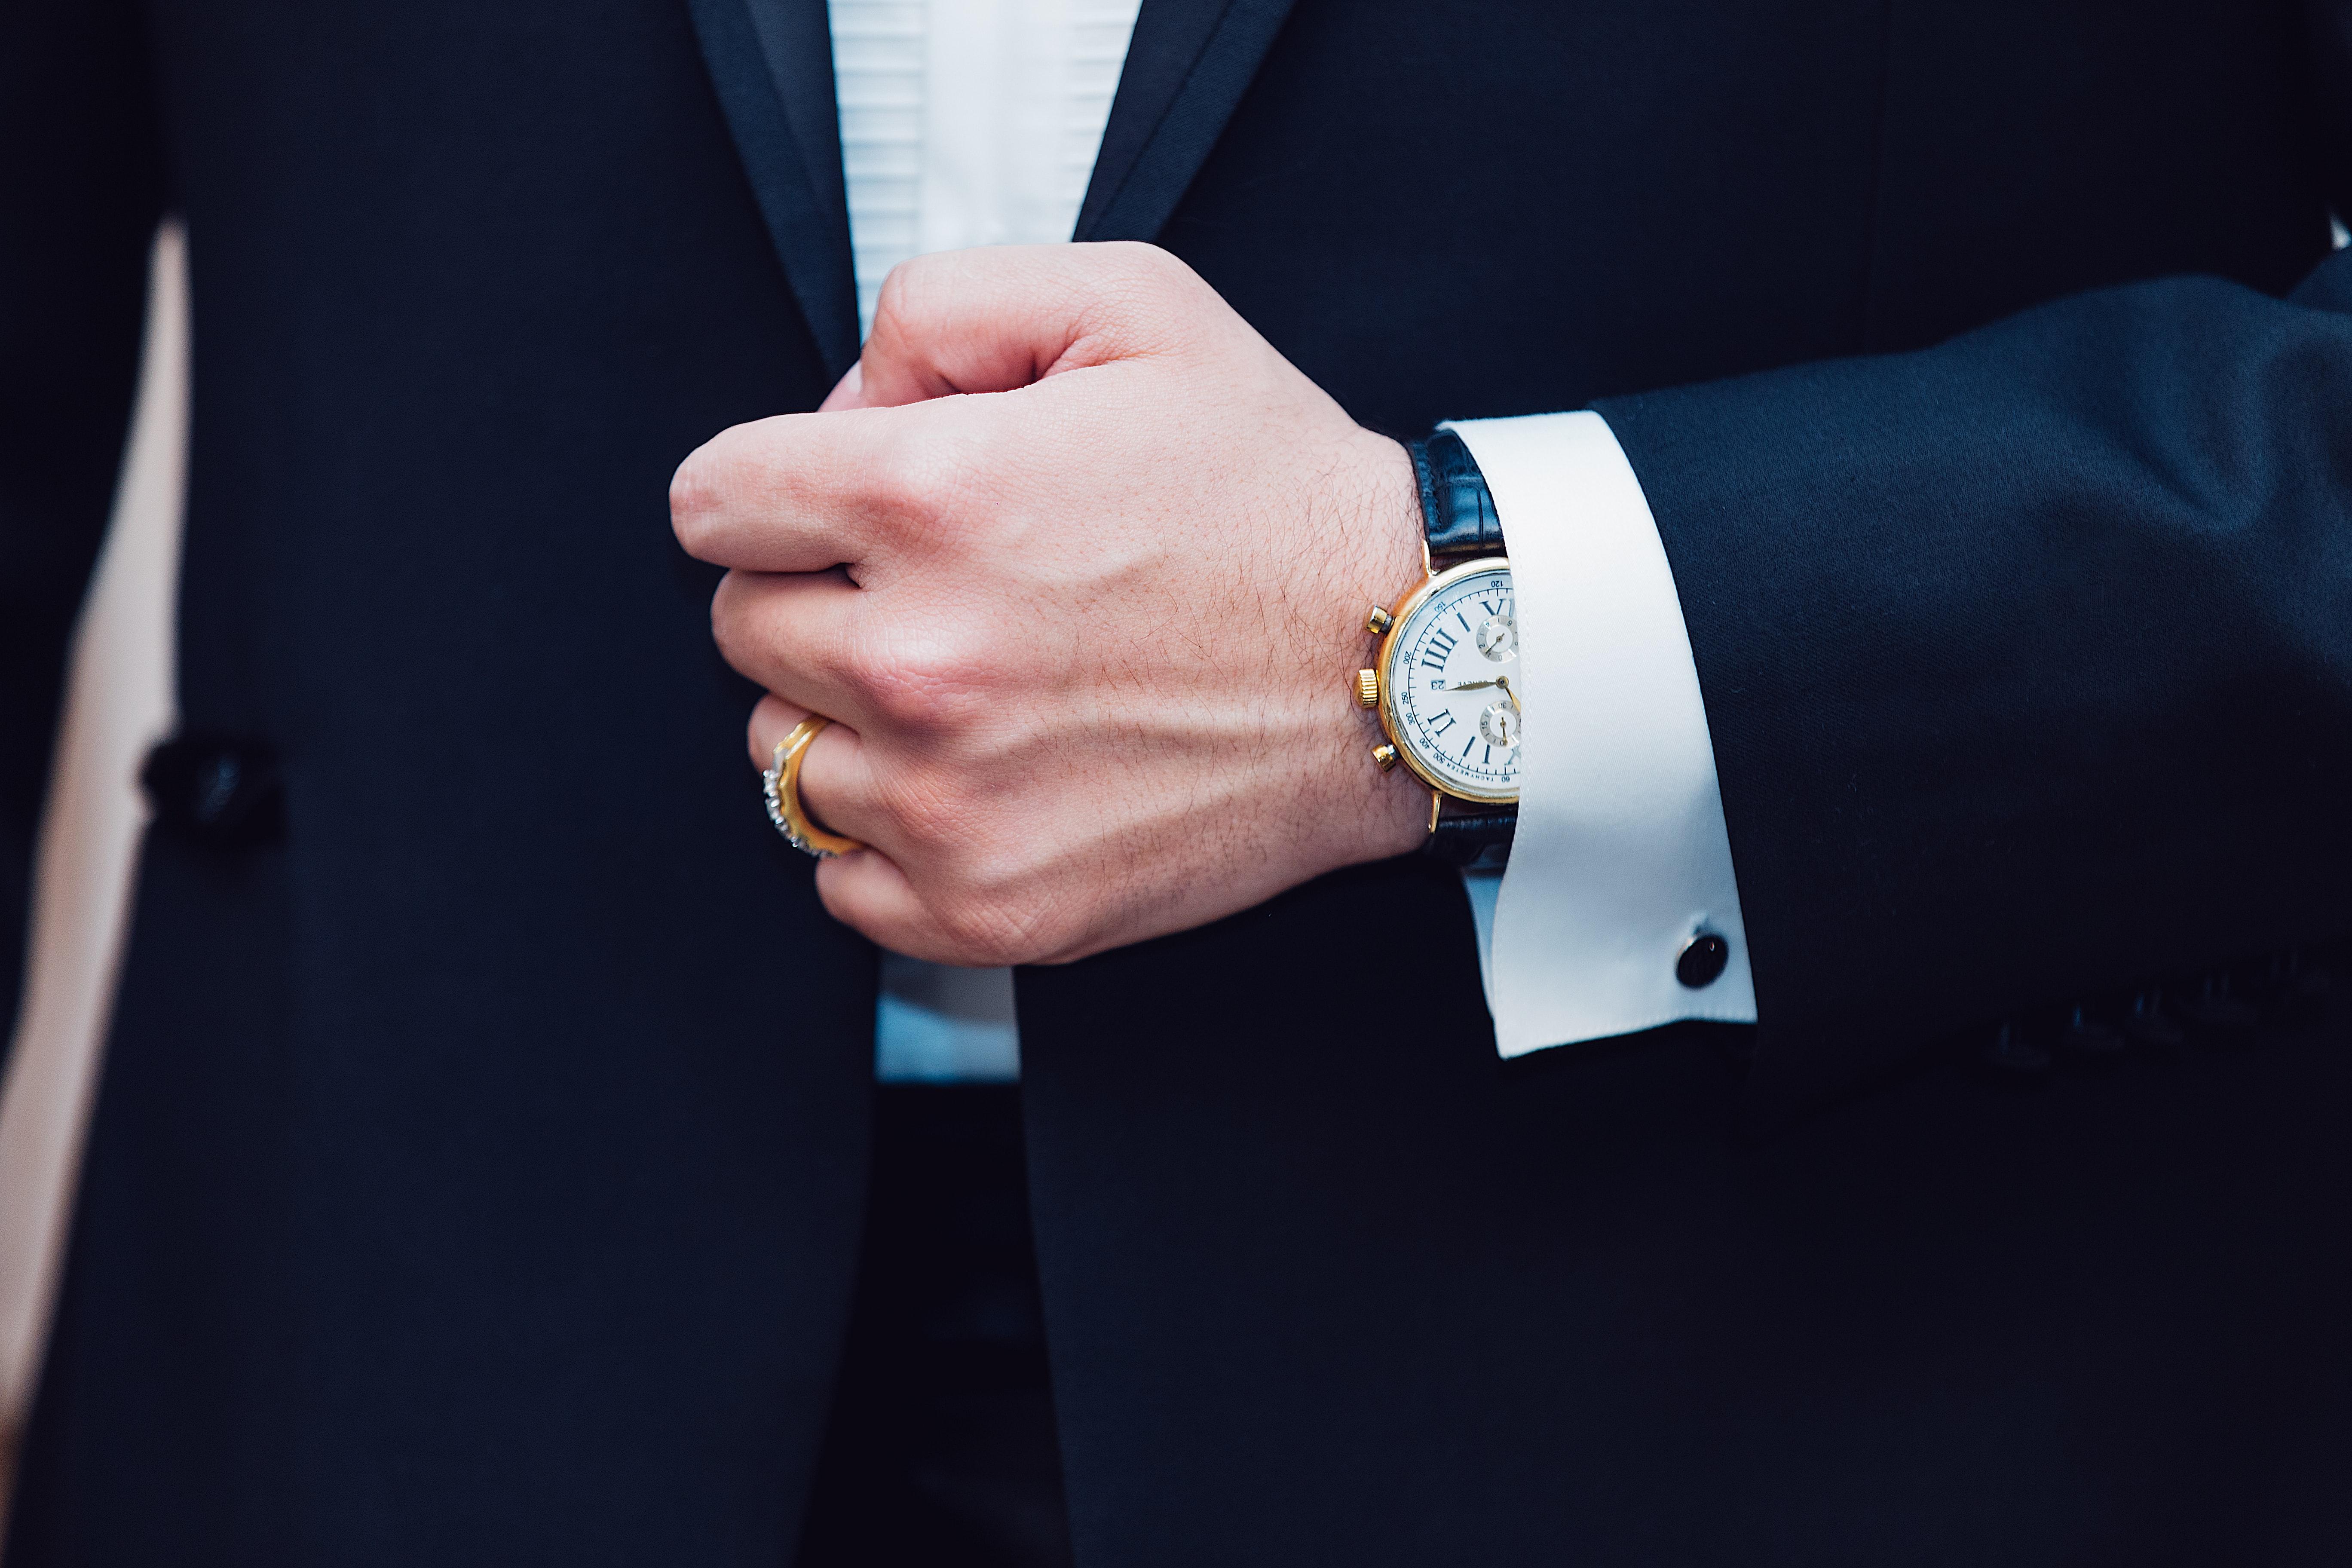 zegarek do garnituru